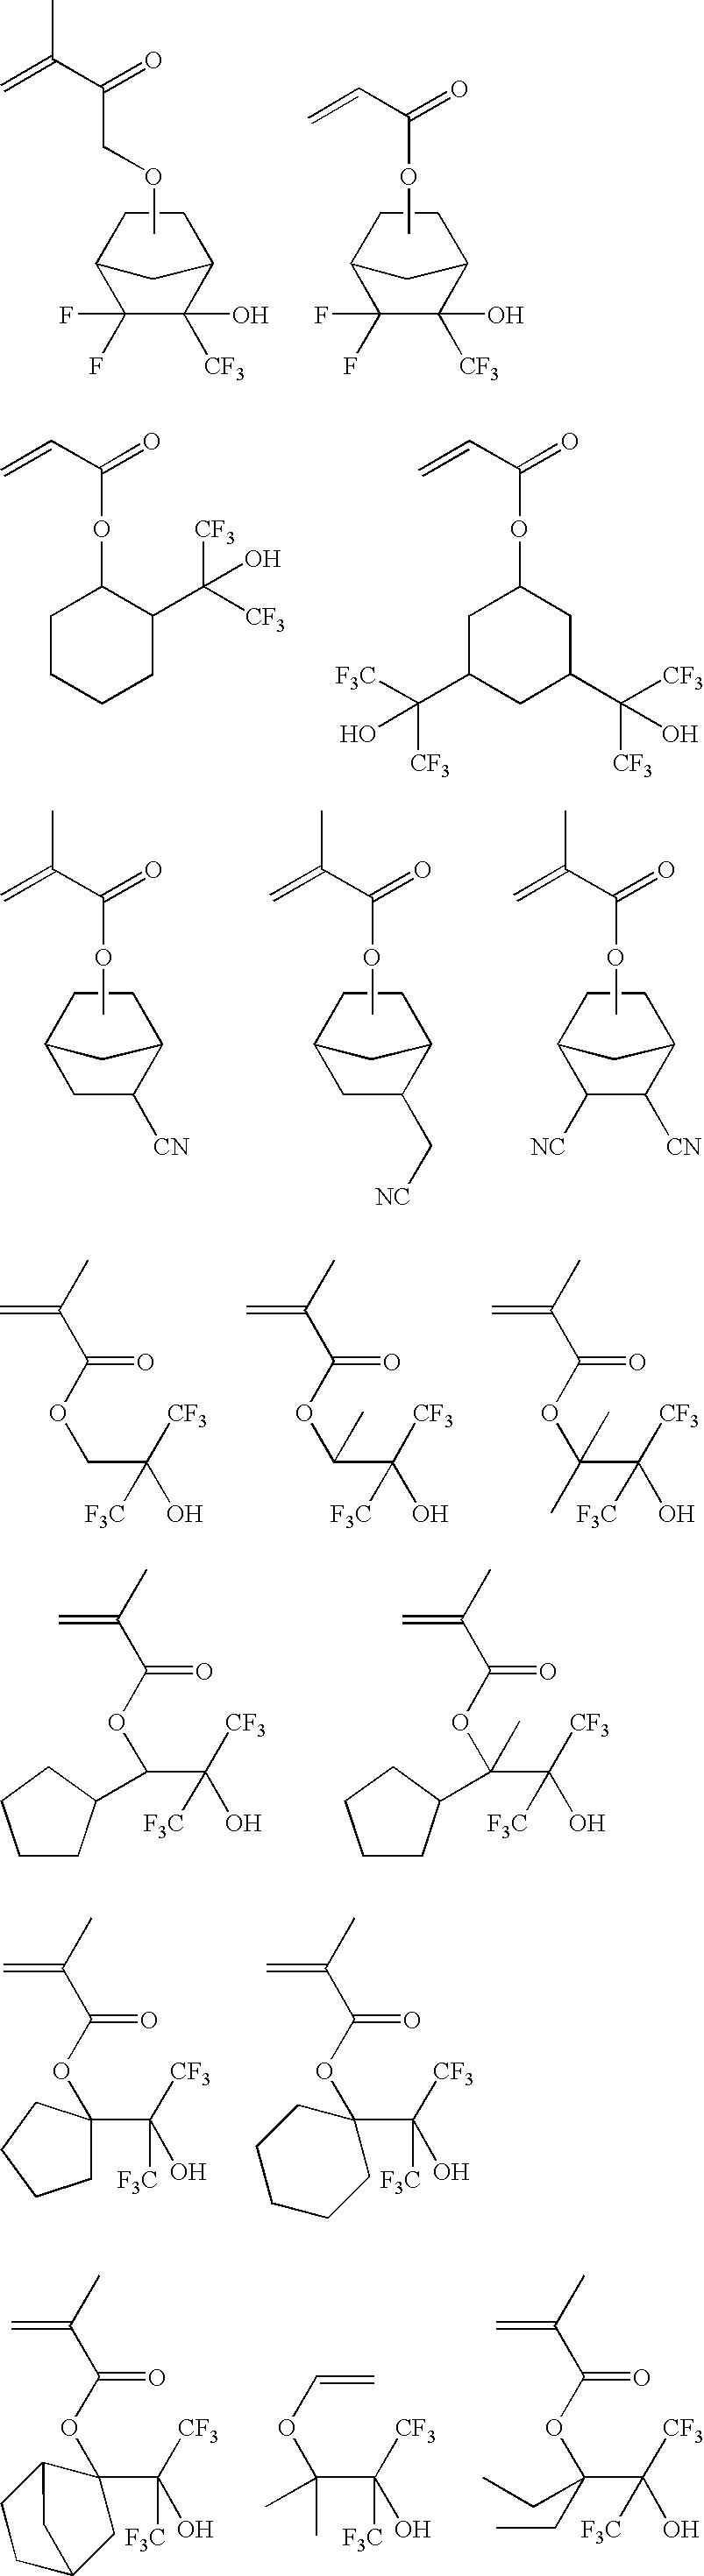 Figure US08129086-20120306-C00025